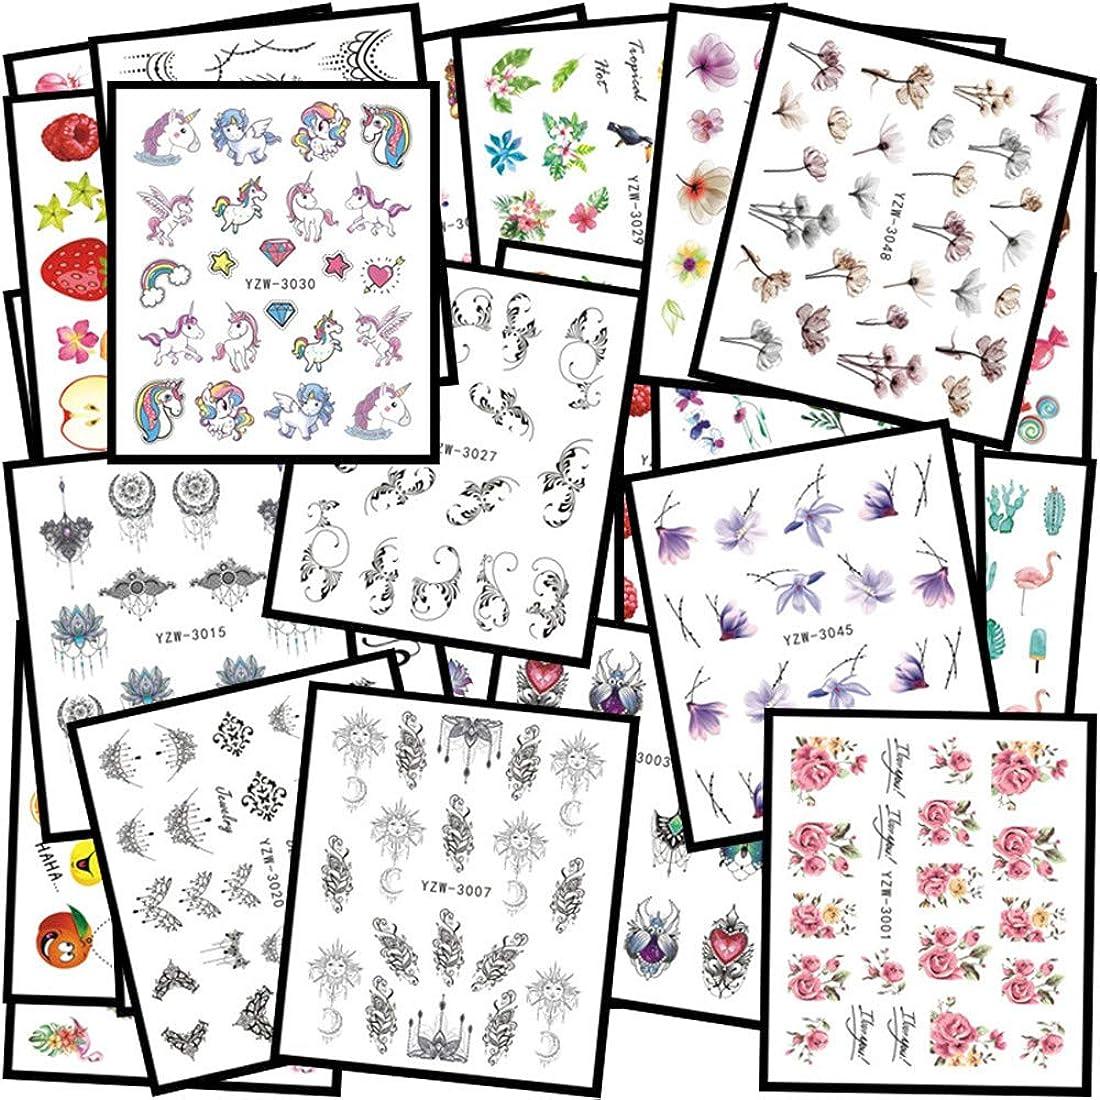 ペックミットに渡ってKingsie ネイルシール 48枚セット ウオーターシール 花 キャラクター ユニコーン フラミンゴ 果物 ネイルステッカー マニキュア ネイルアート デコレーション